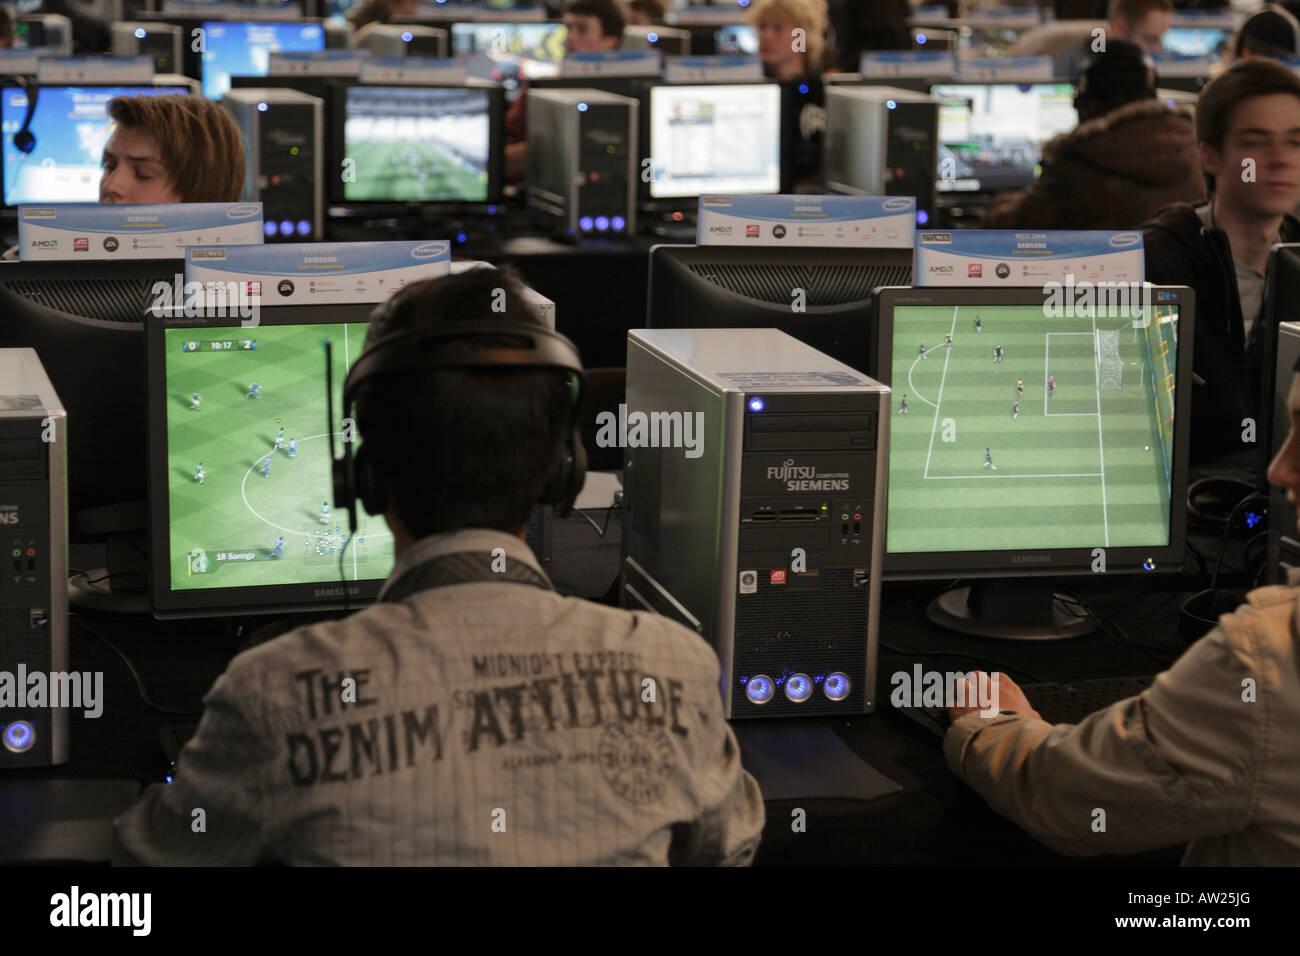 Les adolescents à jouer à des jeux sur ordinateur - LAN Party - jeu de  réseau 5232c2b70778